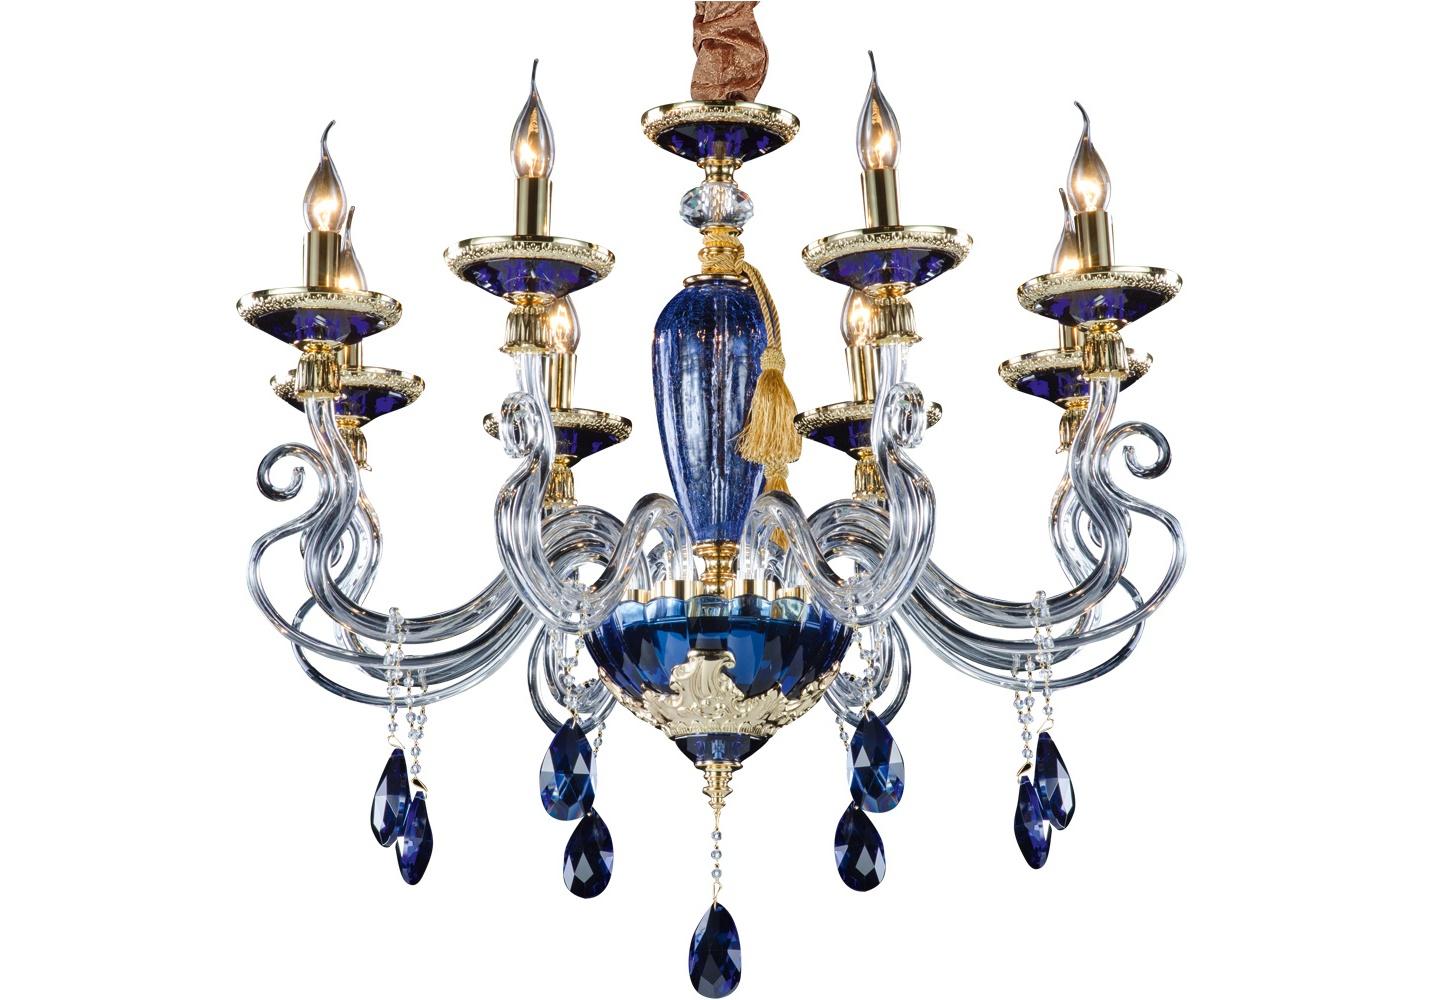 Подвесной светильникЛюстры подвесные<br>&amp;lt;div&amp;gt;Вид цоколя: E14&amp;lt;/div&amp;gt;&amp;lt;div&amp;gt;Мощность: 40W&amp;lt;/div&amp;gt;&amp;lt;div&amp;gt;Количество ламп: 8&amp;lt;/div&amp;gt;<br><br>Material: Стекло<br>Height см: 60<br>Diameter см: 80